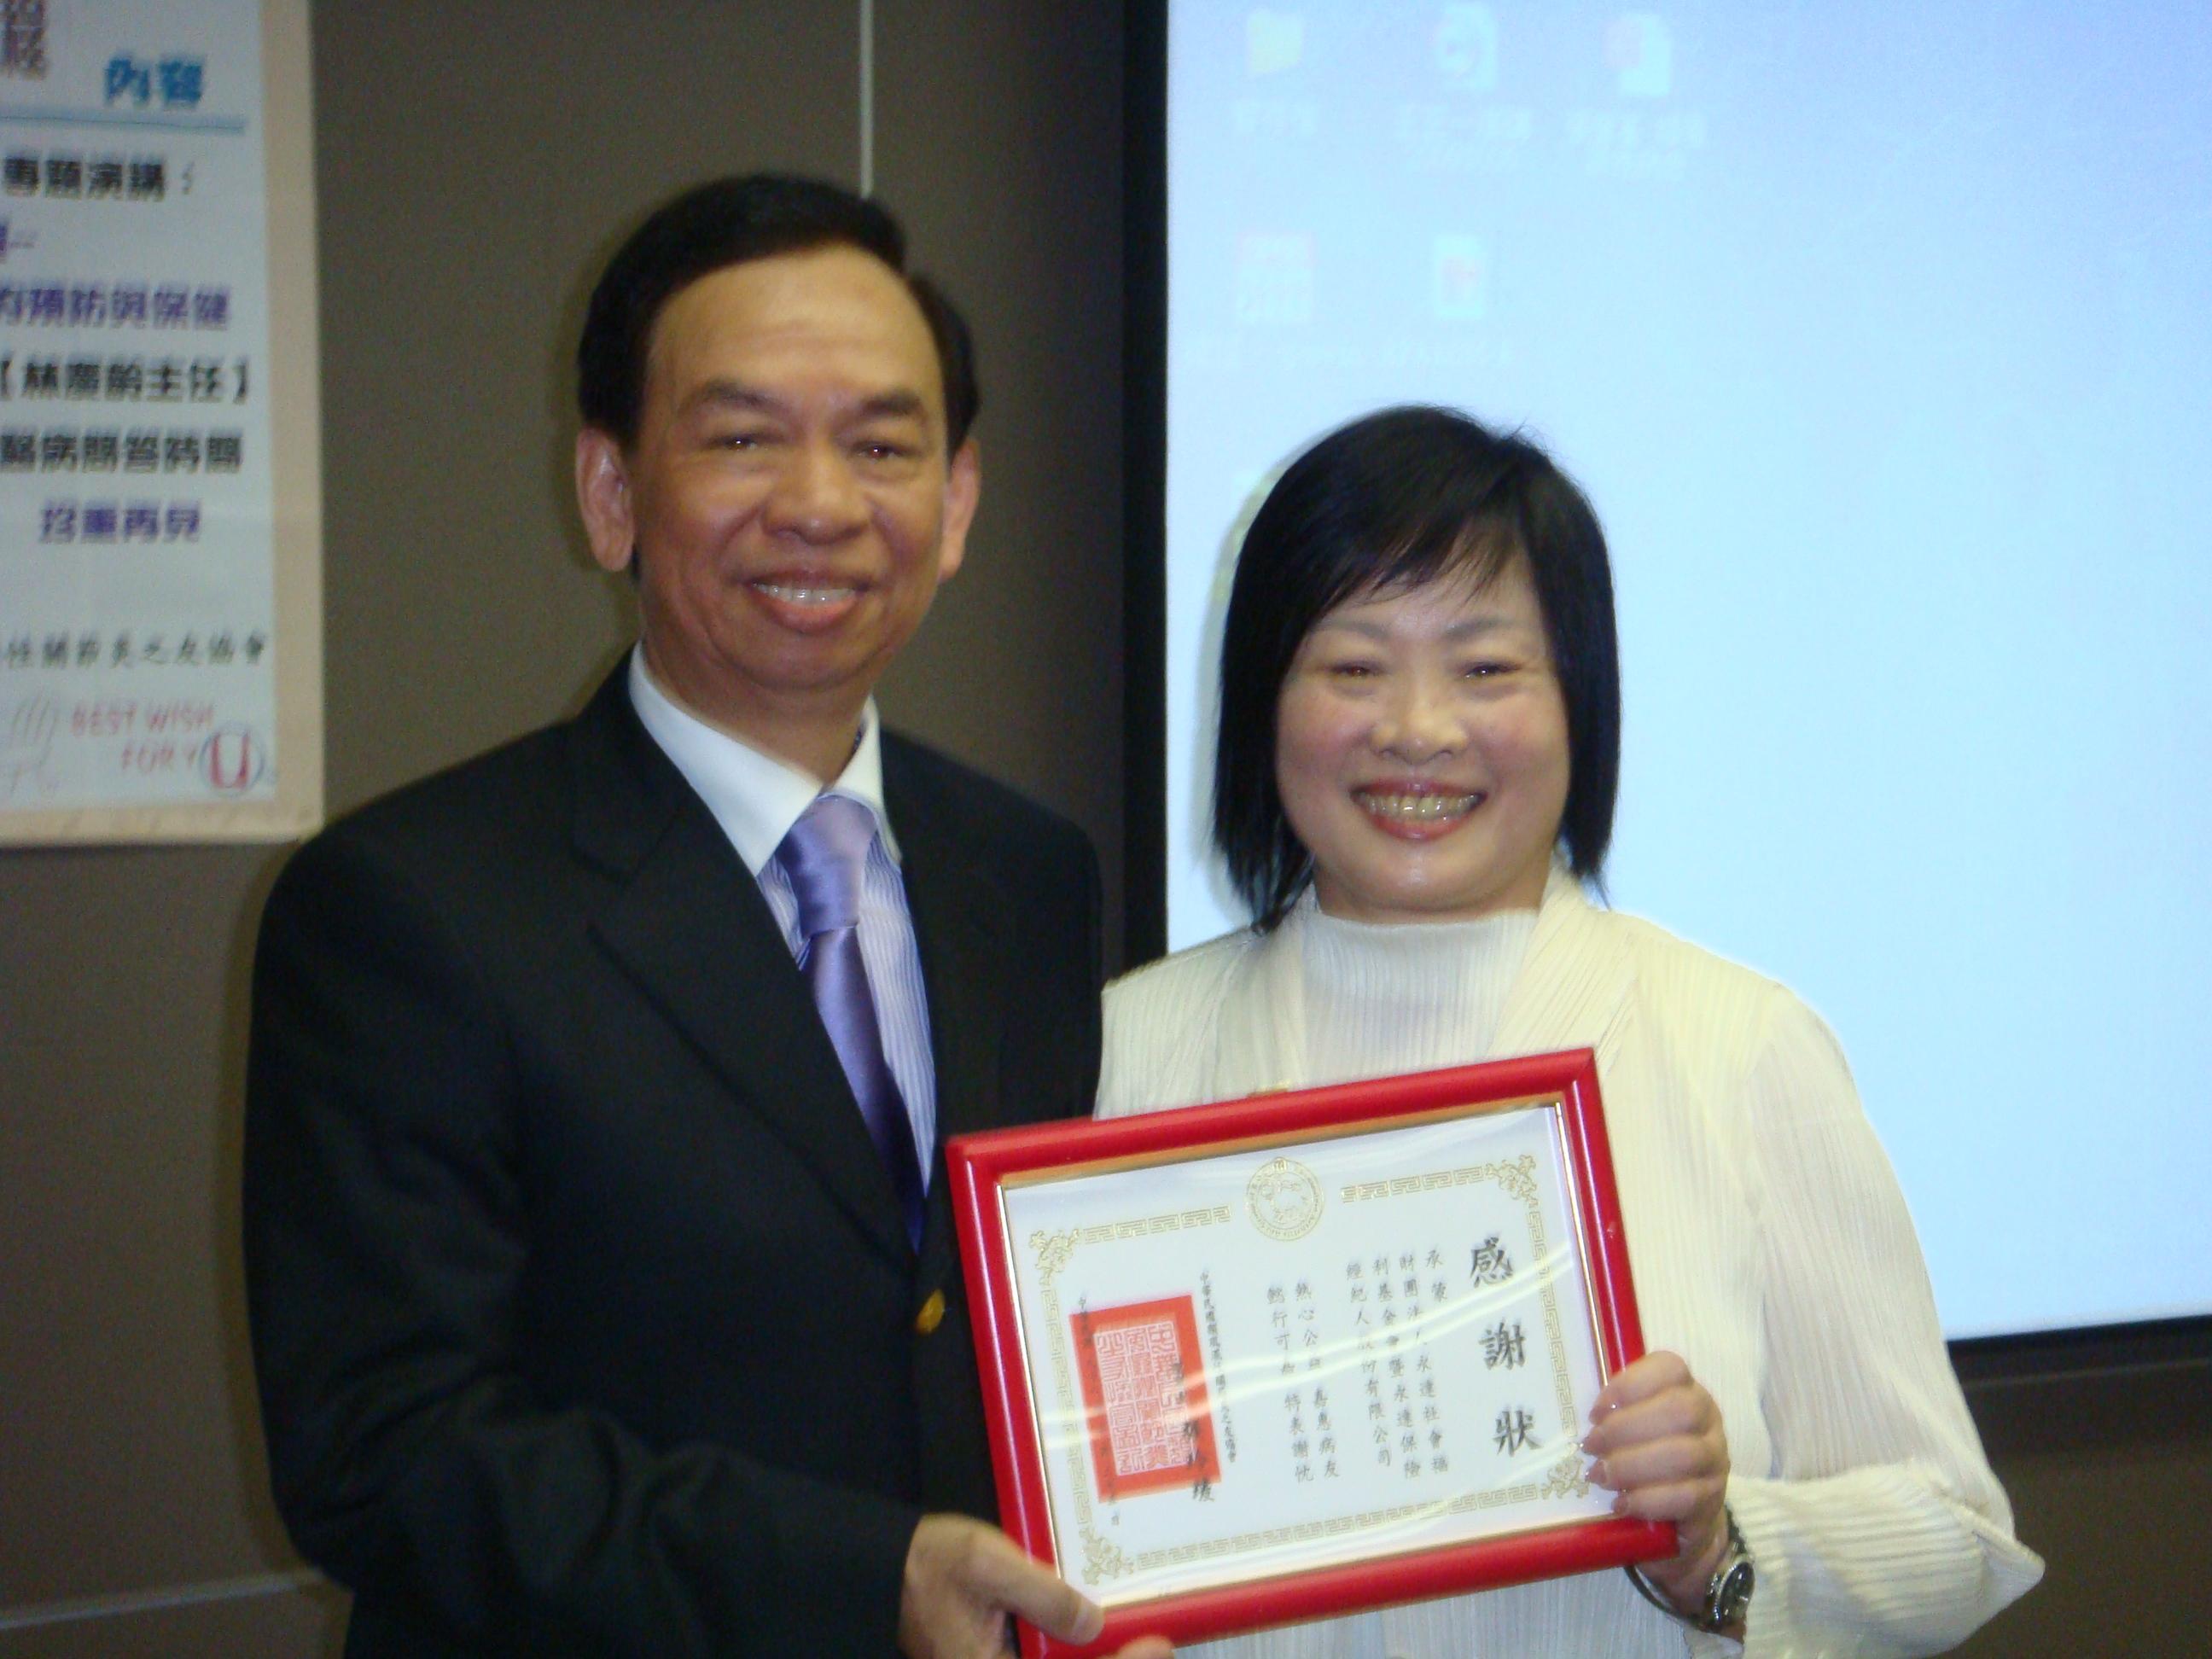 永達葉明全協理代表永達接受中華民國類風濕性關 節炎之友協會-張玲瑗理事長頒贈感謝狀。